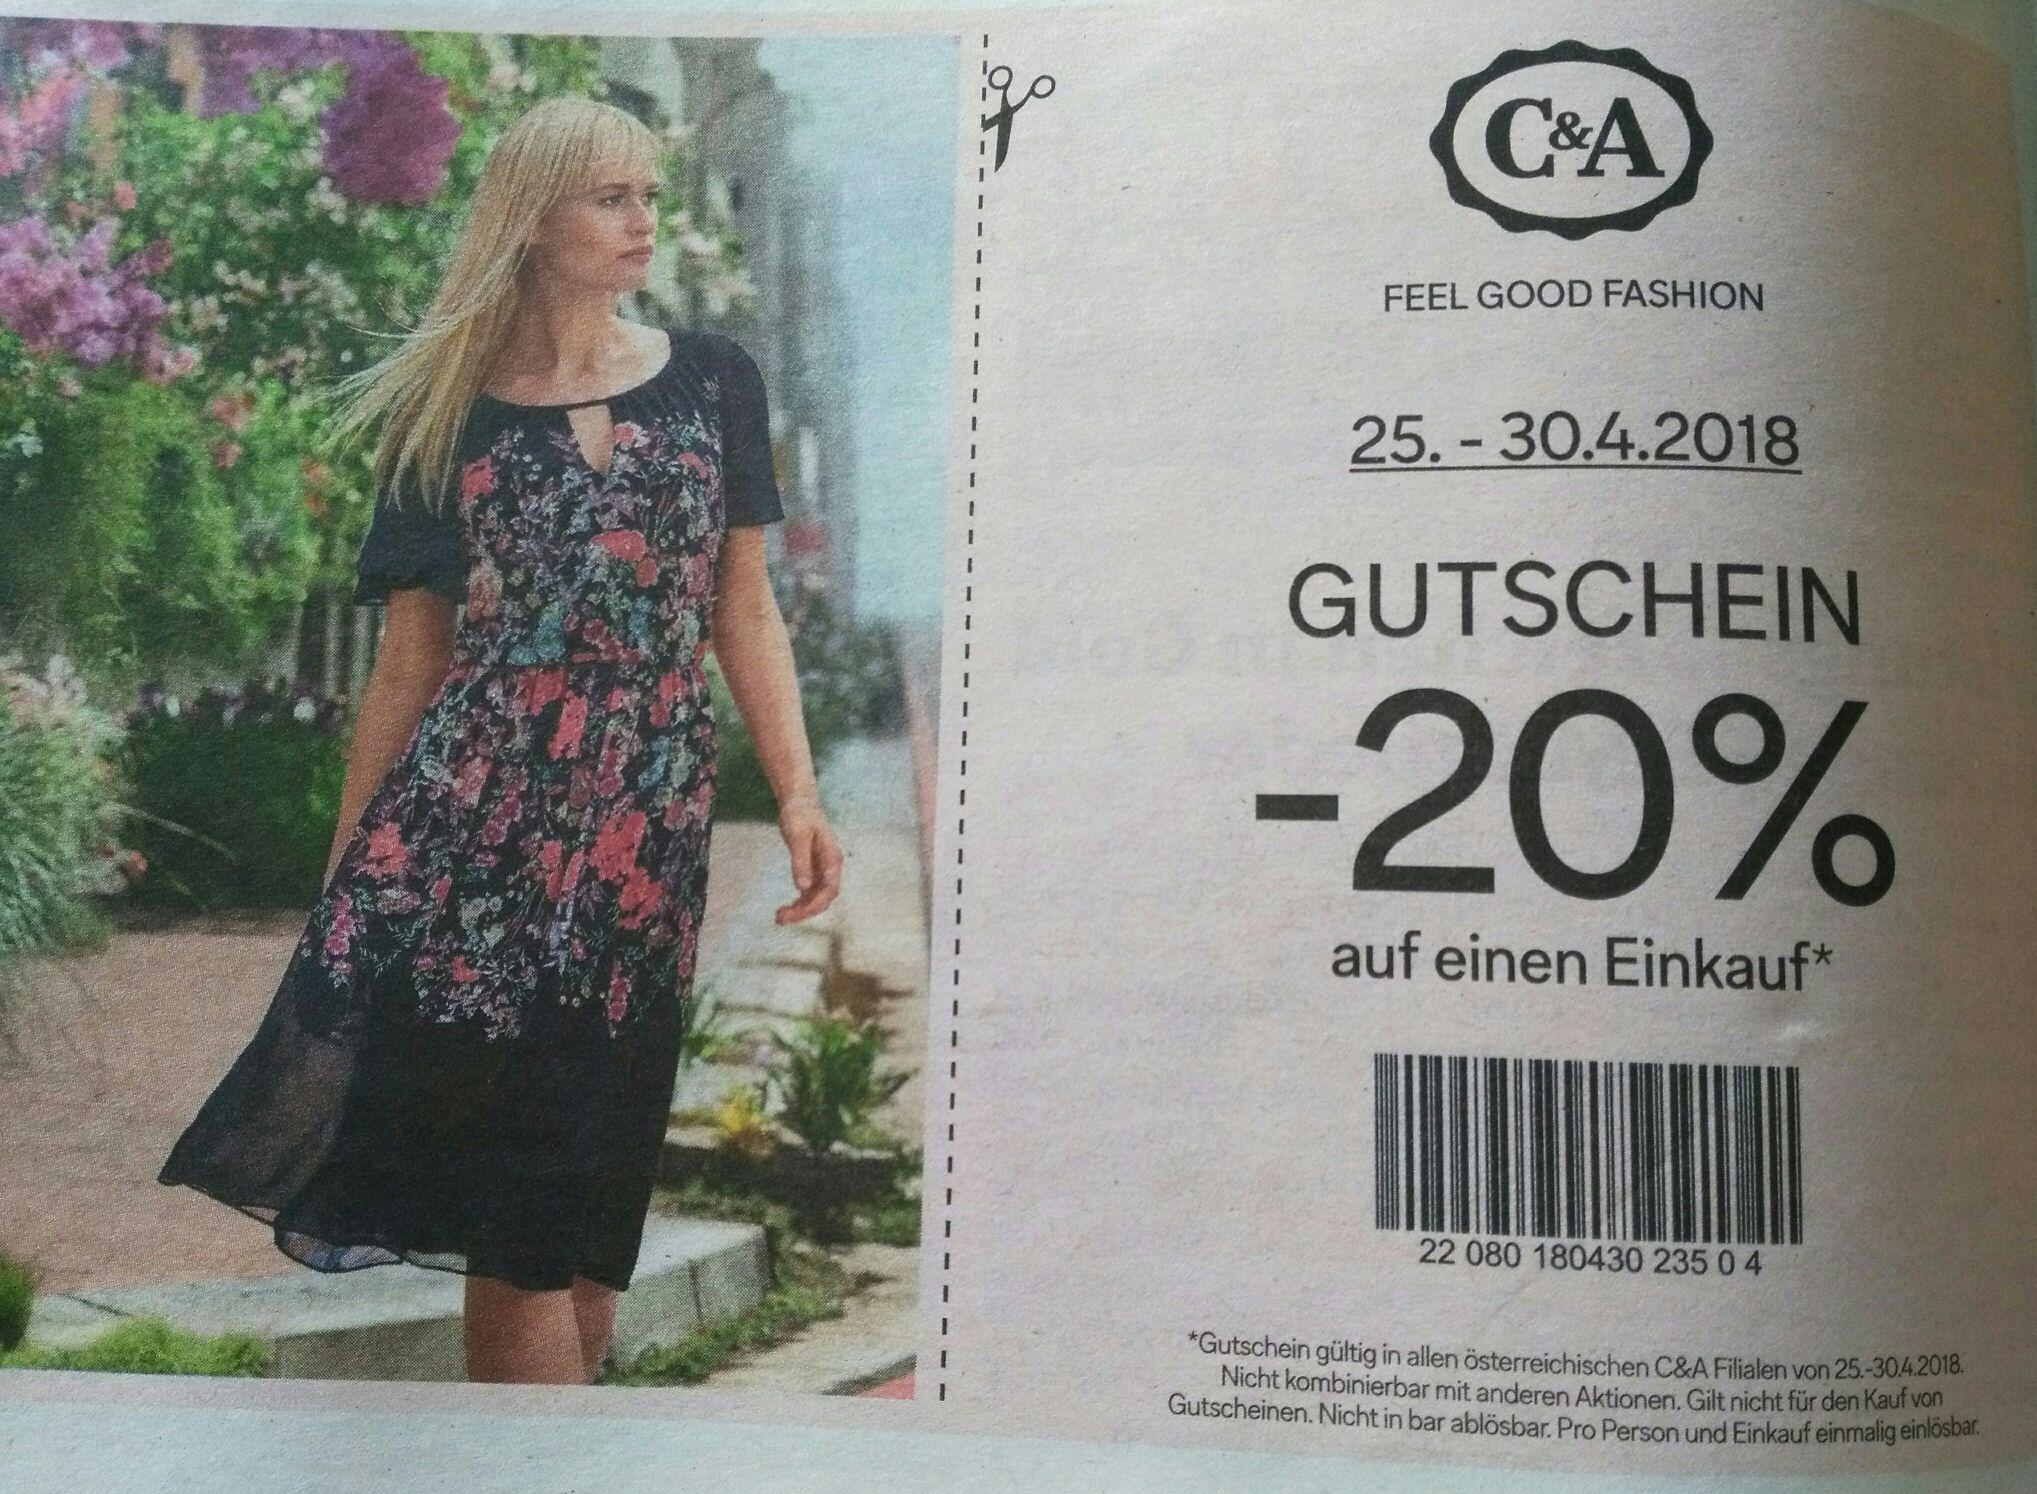 [C&A]: -20% auf einen Einkauf - nur noch morgen